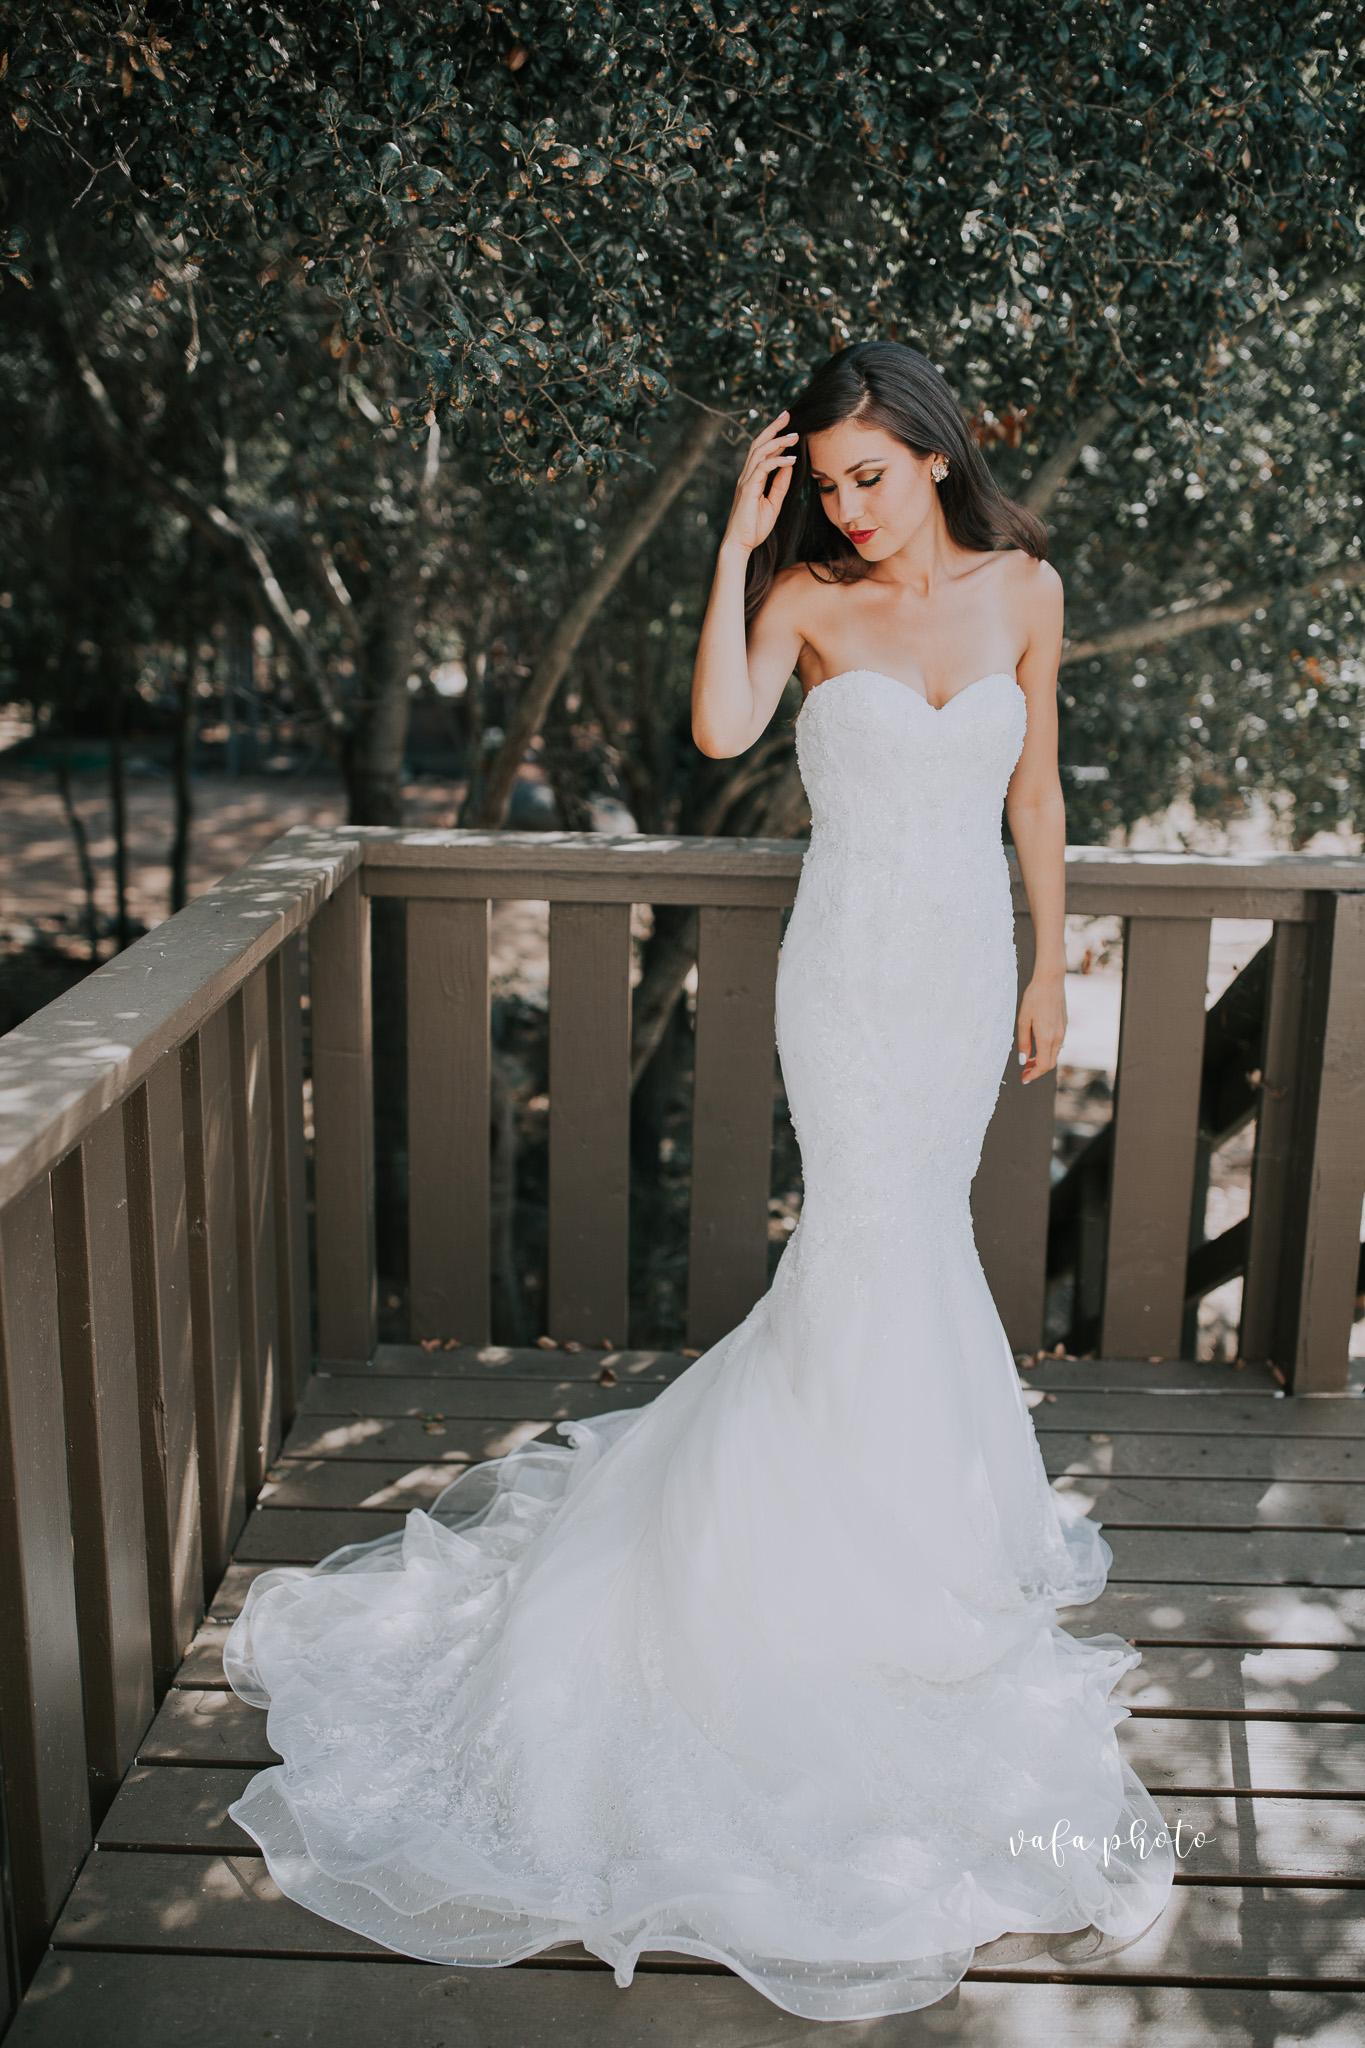 Southern-California-Wedding-Britt-Nilsson-Jeremy-Byrne-Vafa-Photo-137.jpg